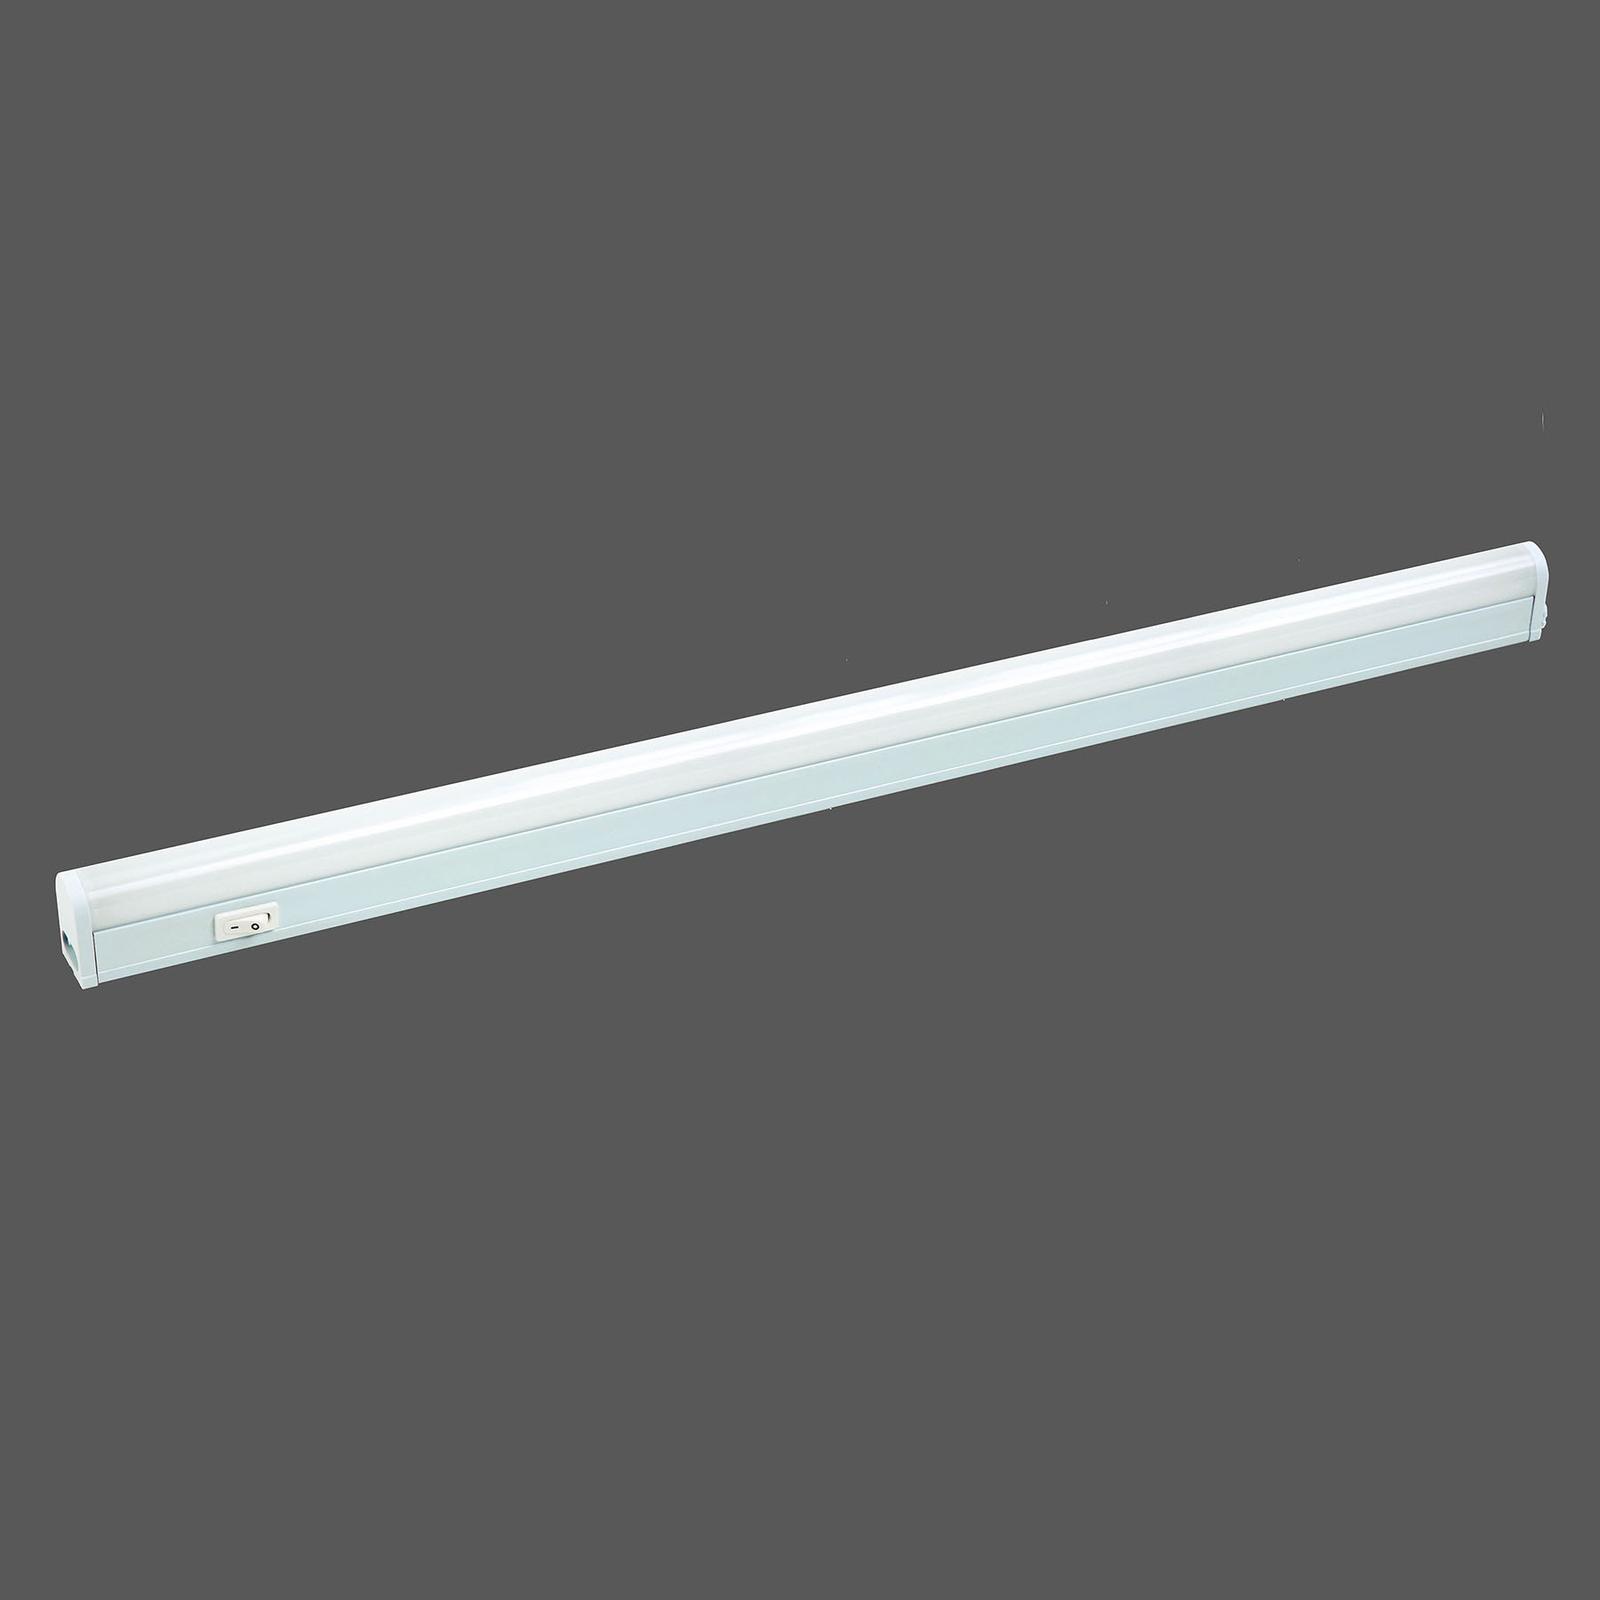 LED-list 980, längd 117,5 cm